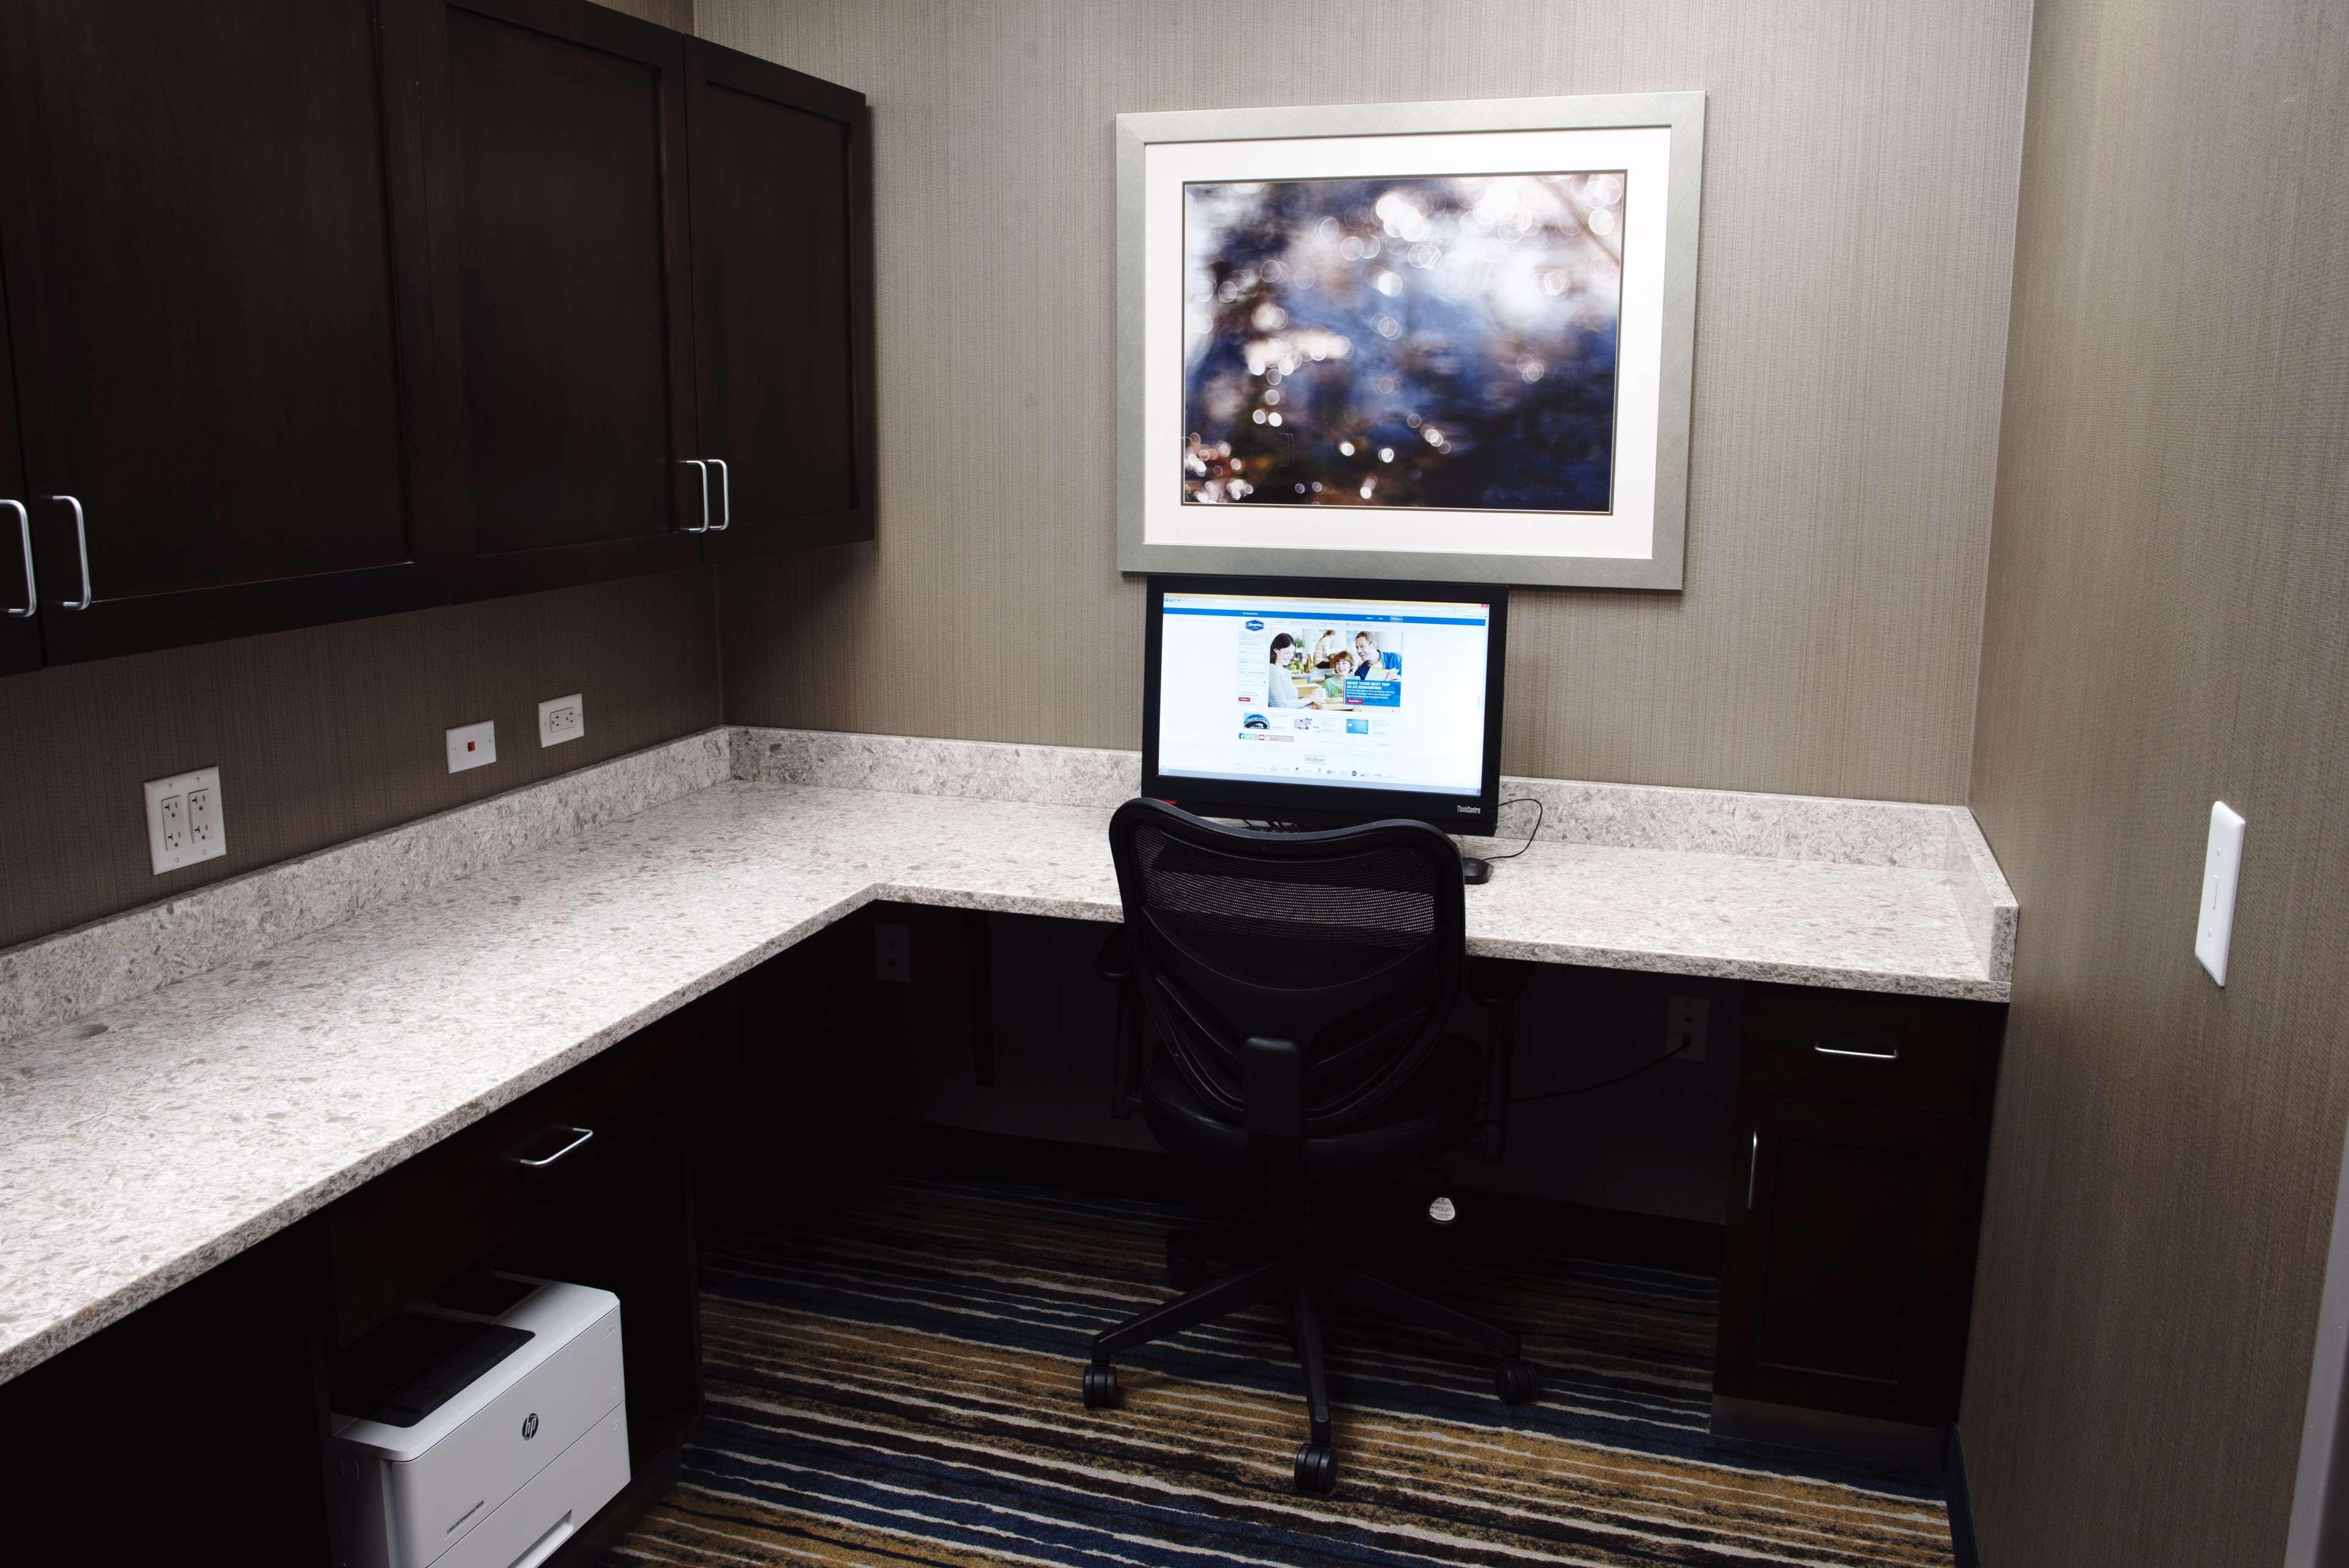 Hampton Inn & Suites Des Moines/Urbandale image 45